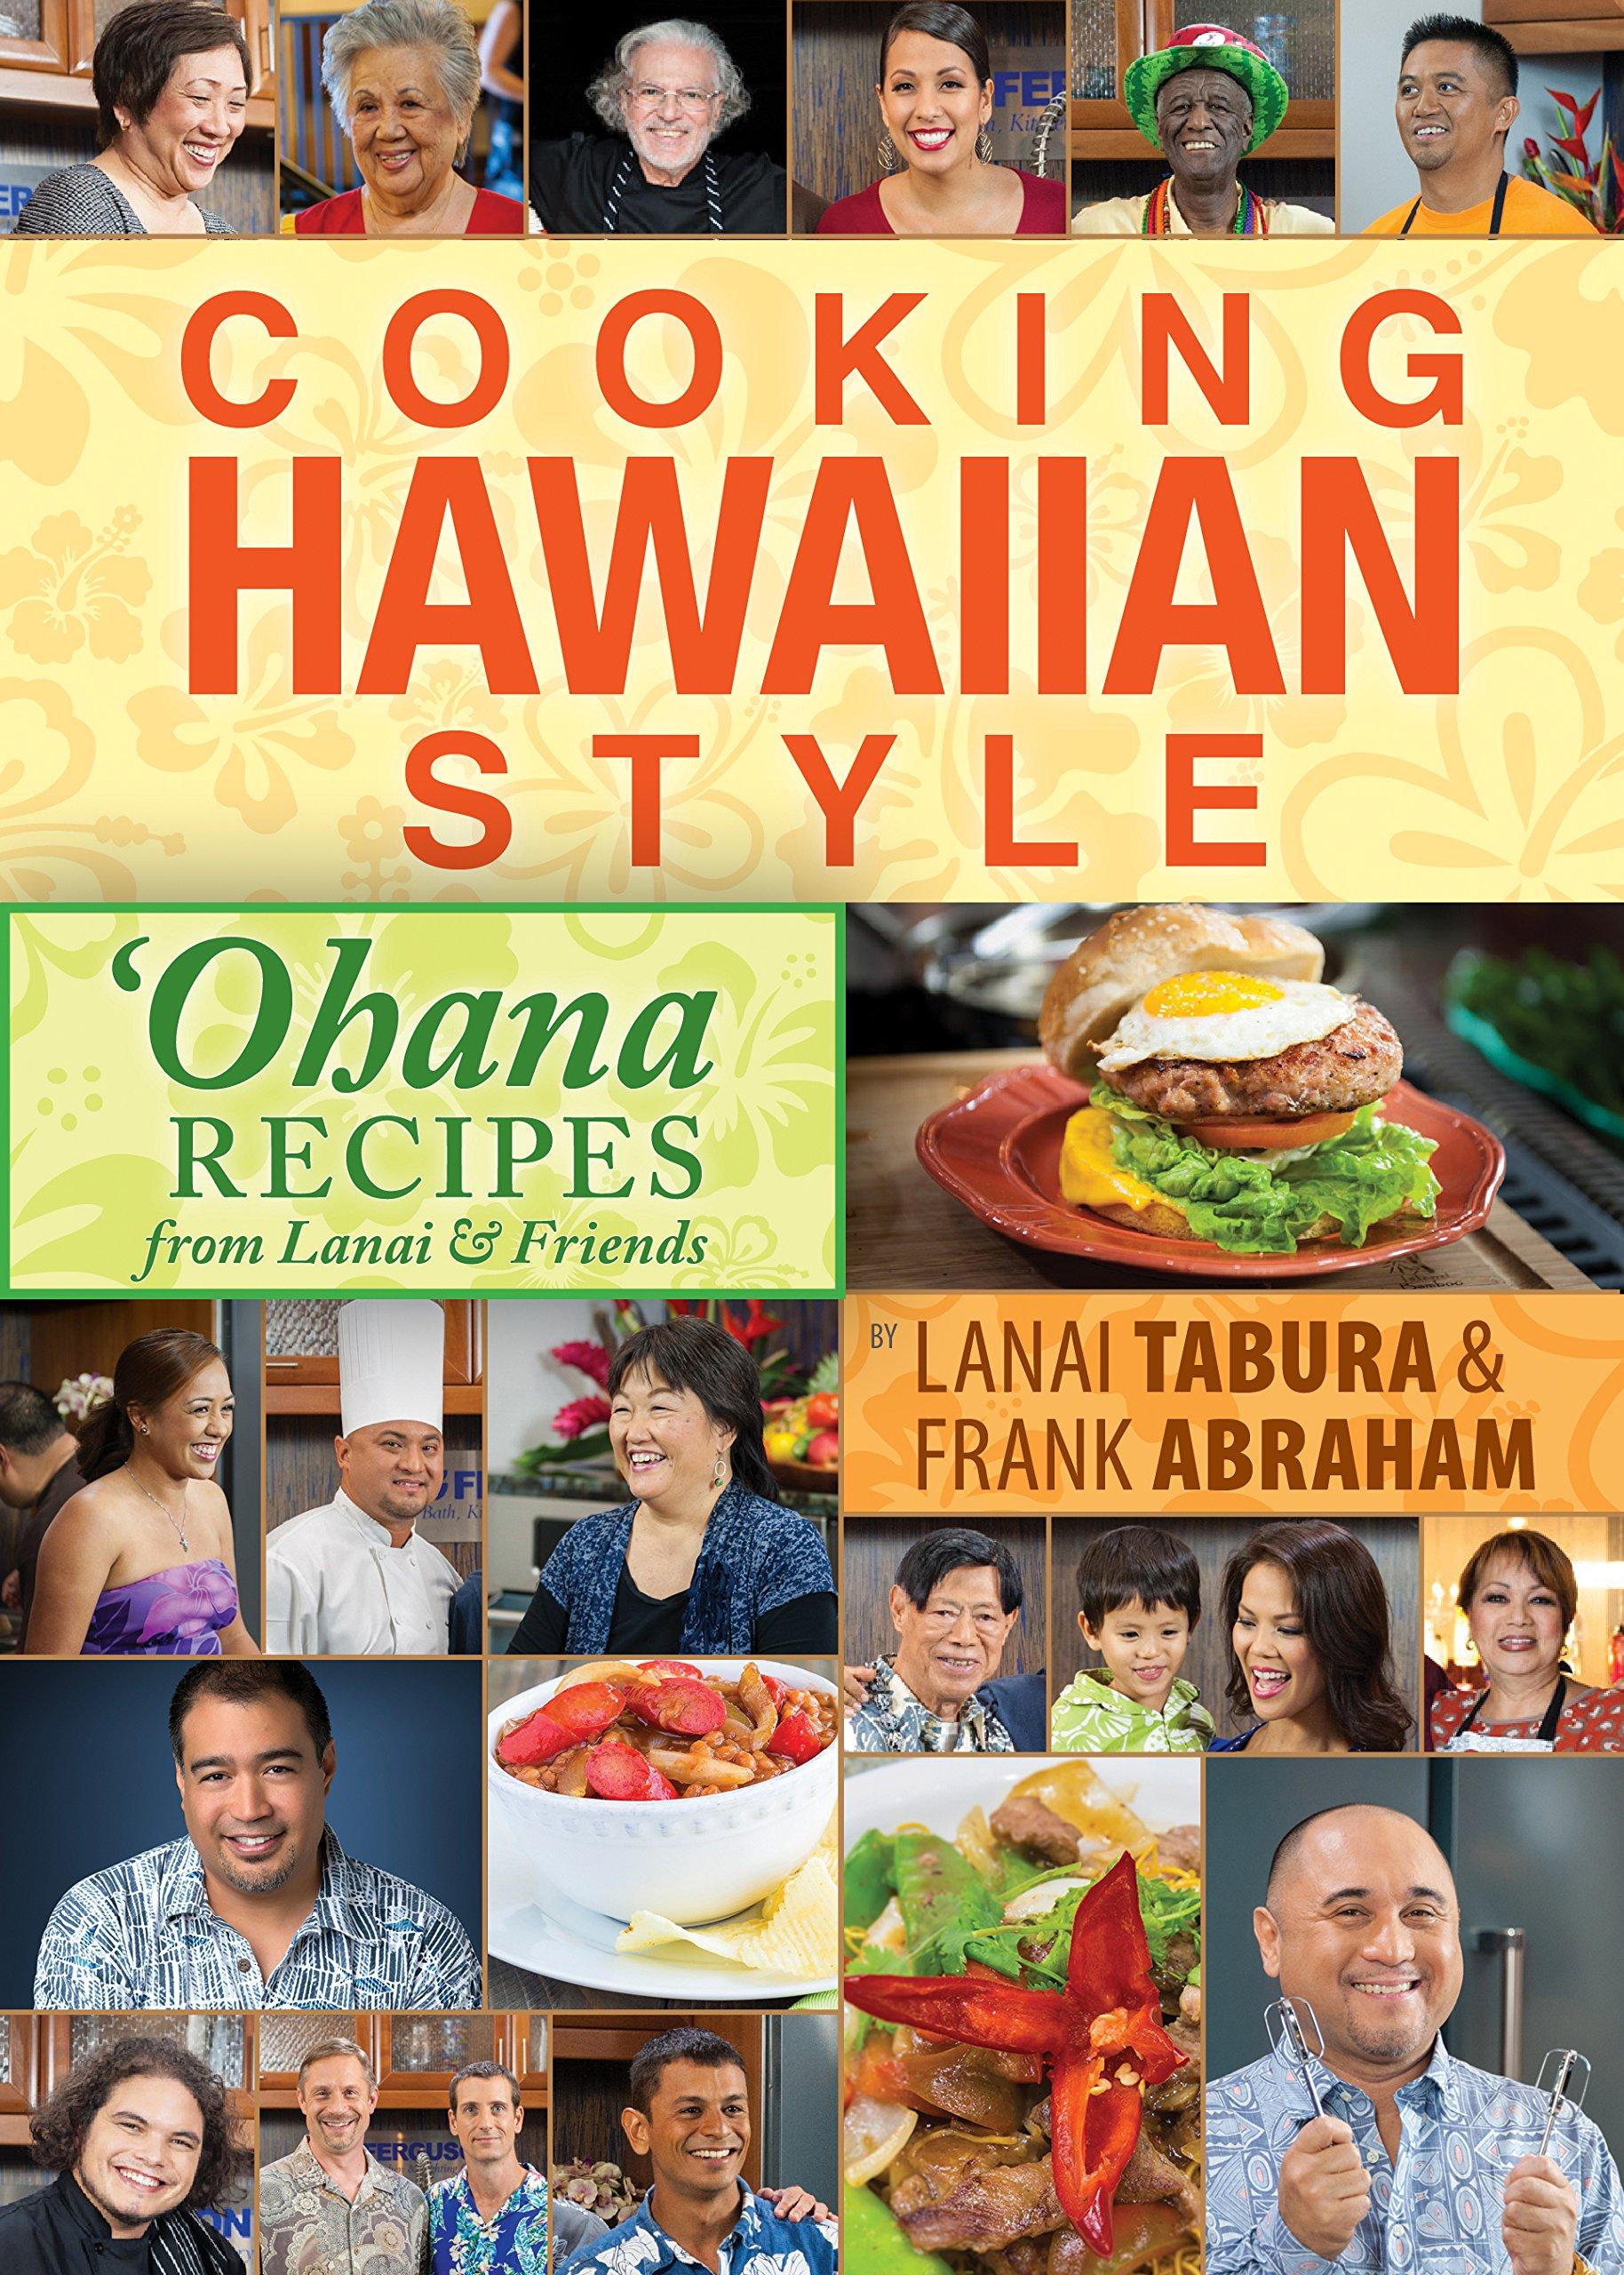 Cooking Hawaiian Style: Ohana Recipes from Lanai & Friends PDF